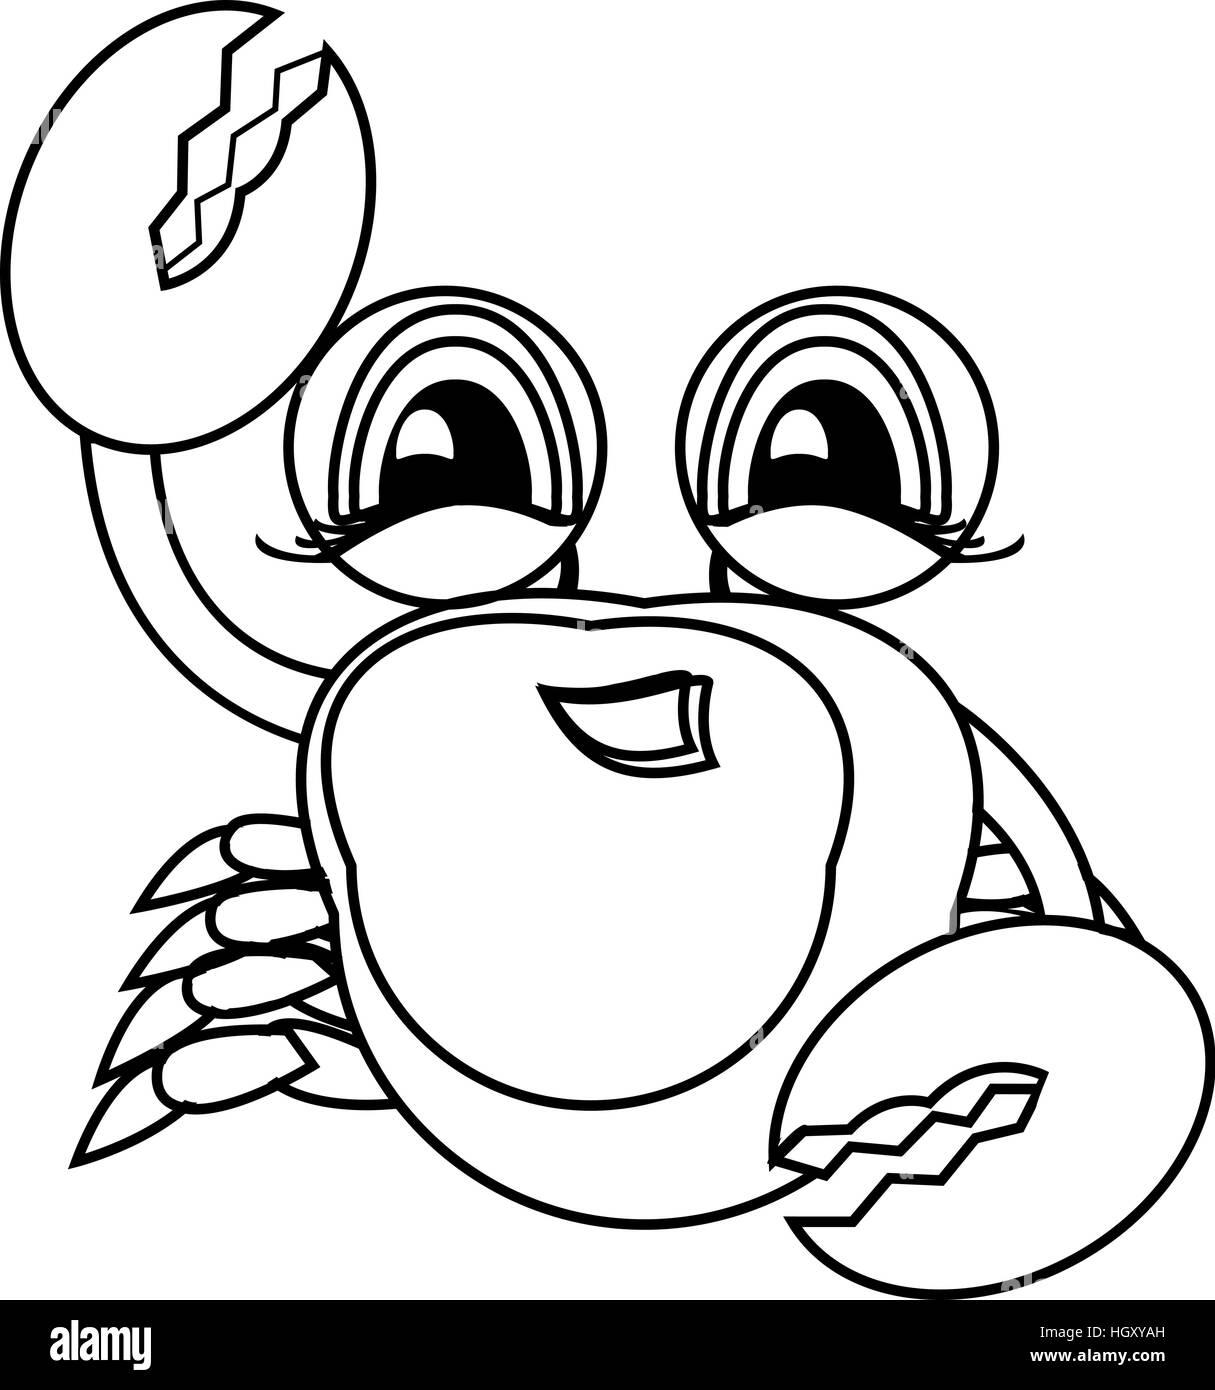 Coloriage Animaux Mer.Livre De Coloriage Animaux De La Mer A La Main Le Crabe